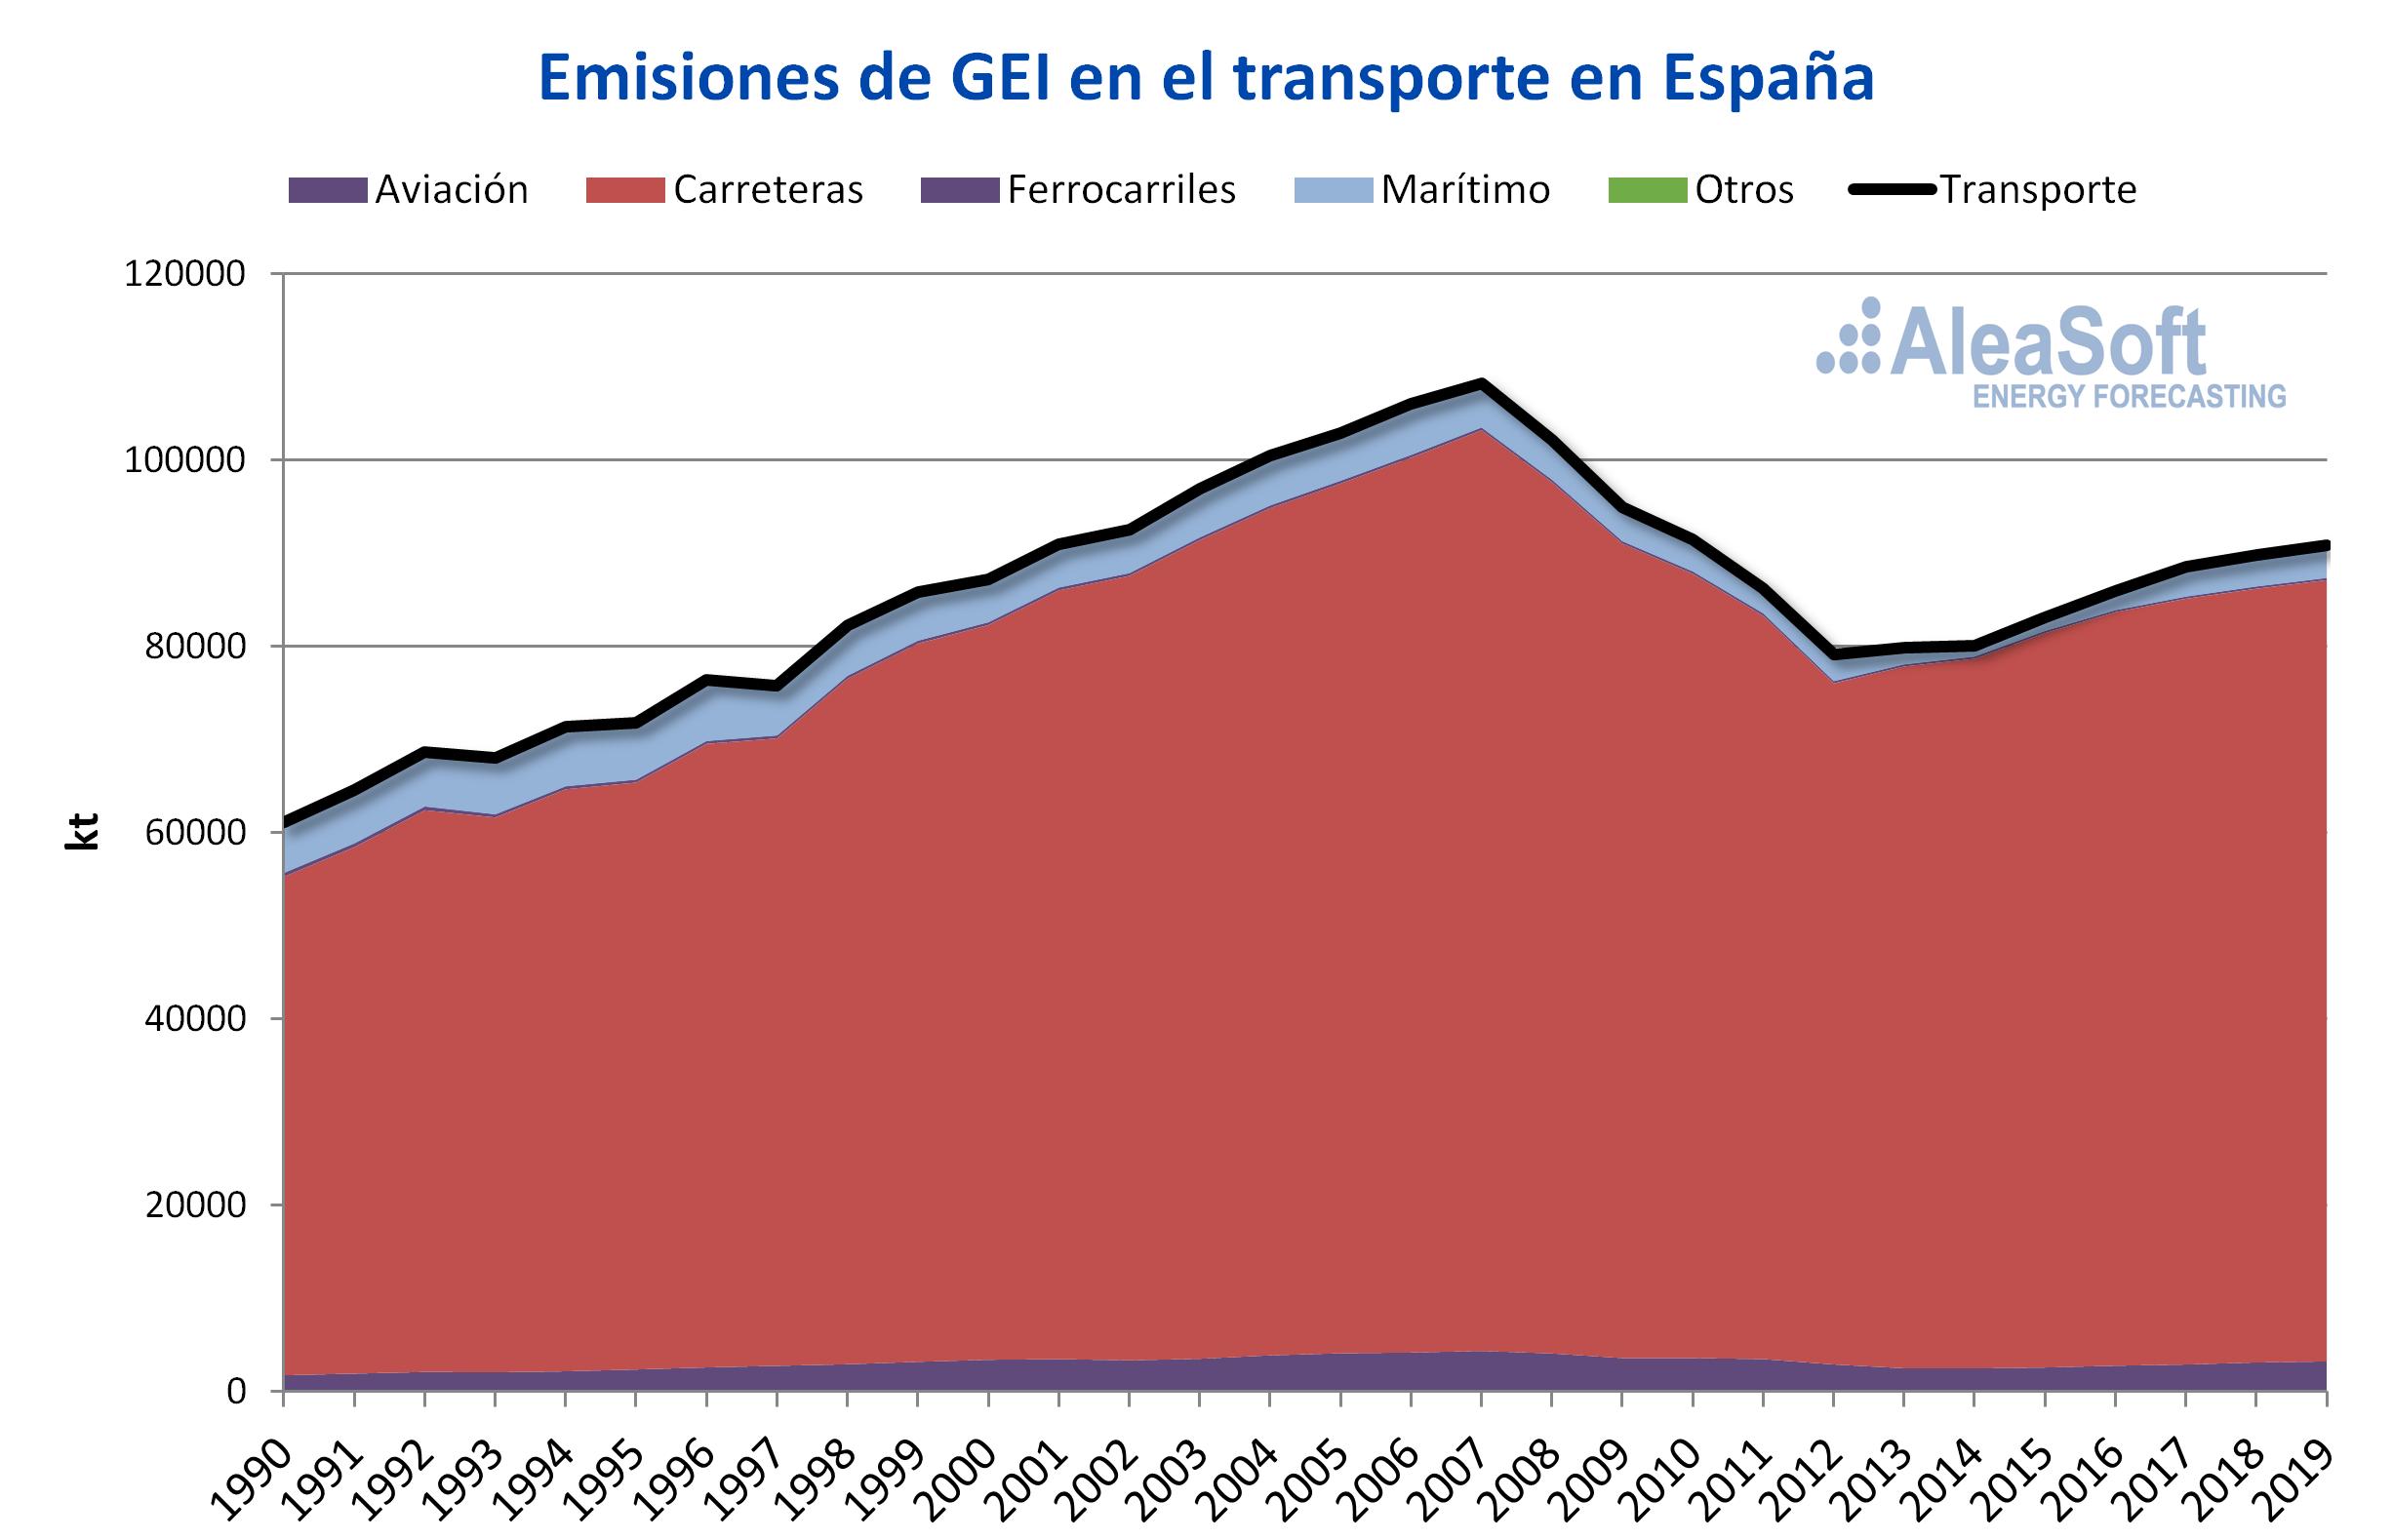 Electrificación del transporte: Gran reto para la descarbonización y desarrollo de las renovables